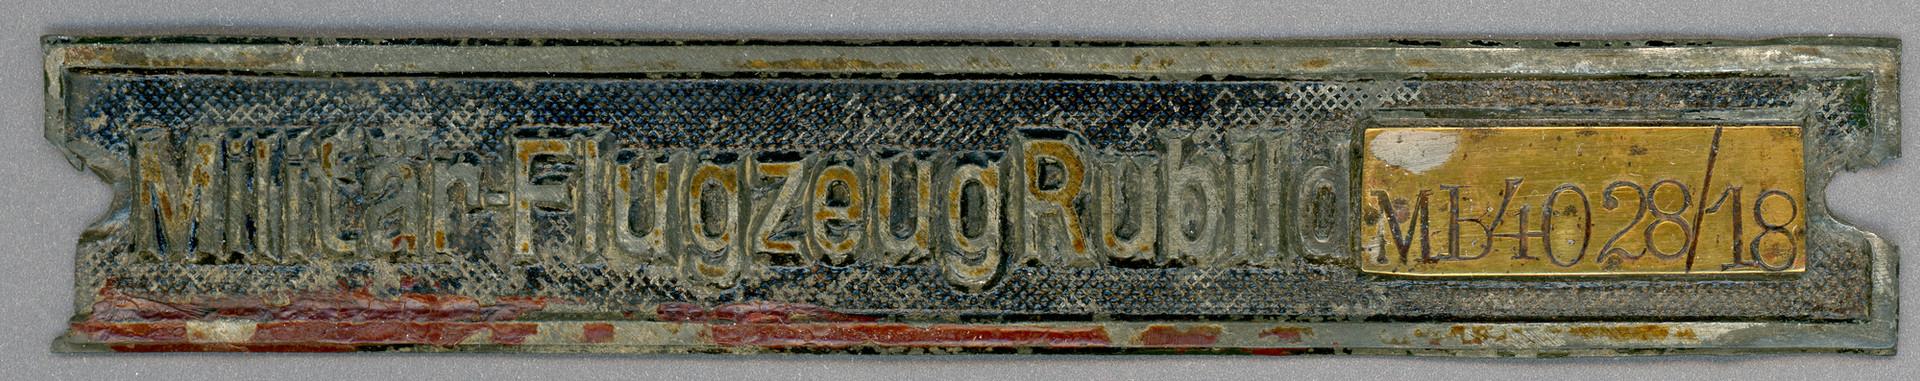 Rumpler plate by itself.jpg